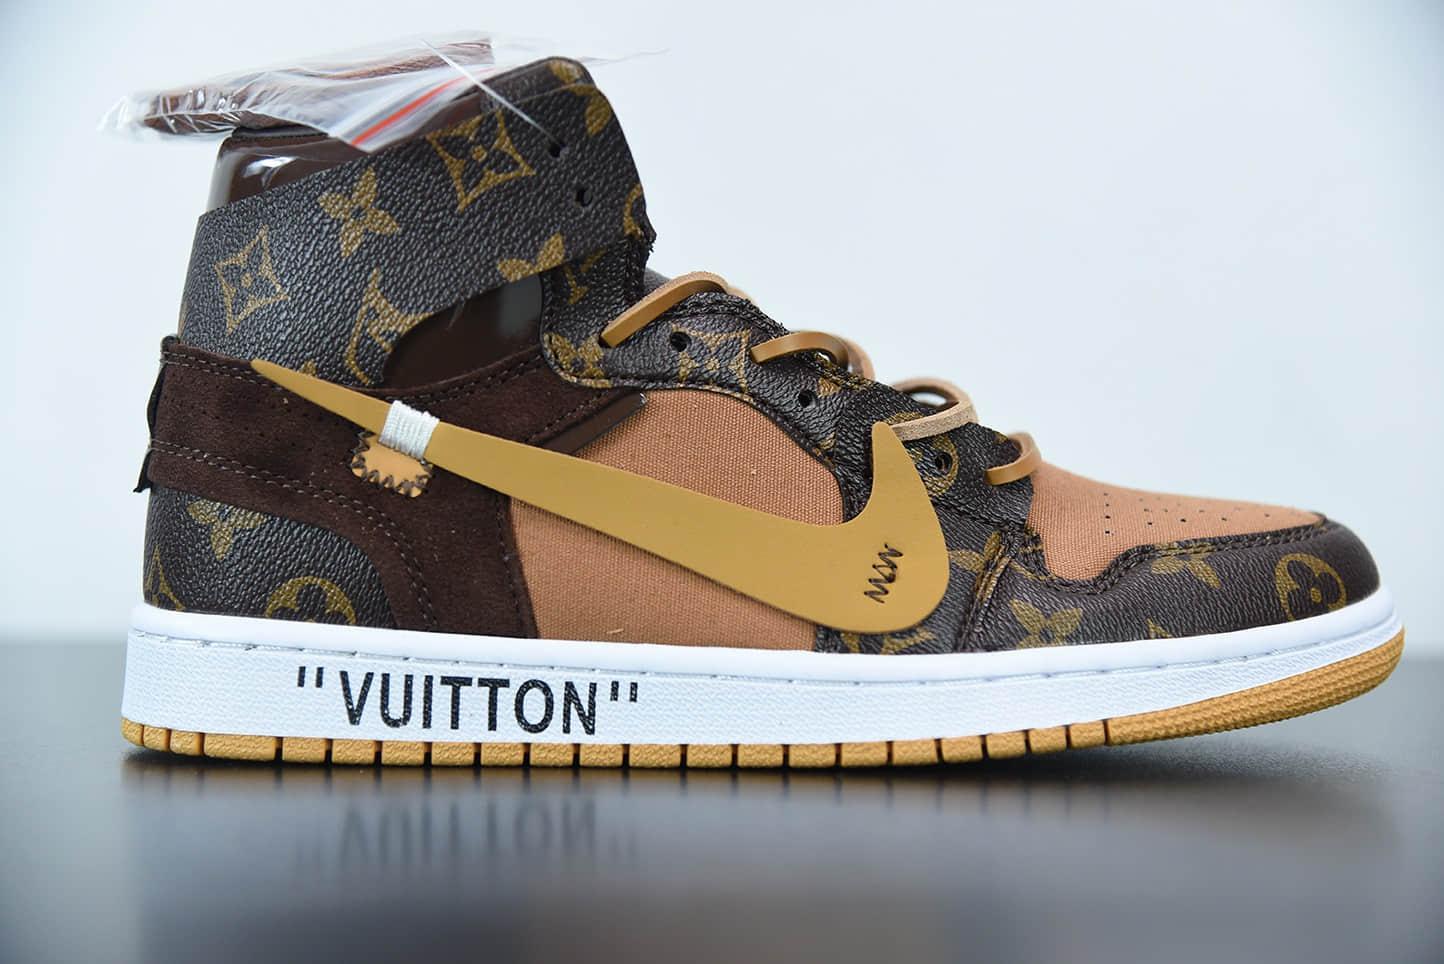 乔丹Louis Vuitton x OFF WHITE - Air Jordan 1 乔丹LV经典联名中帮行李箱版本潮流情侣运动休闲板鞋纯原版本 货号:AQ0818-158